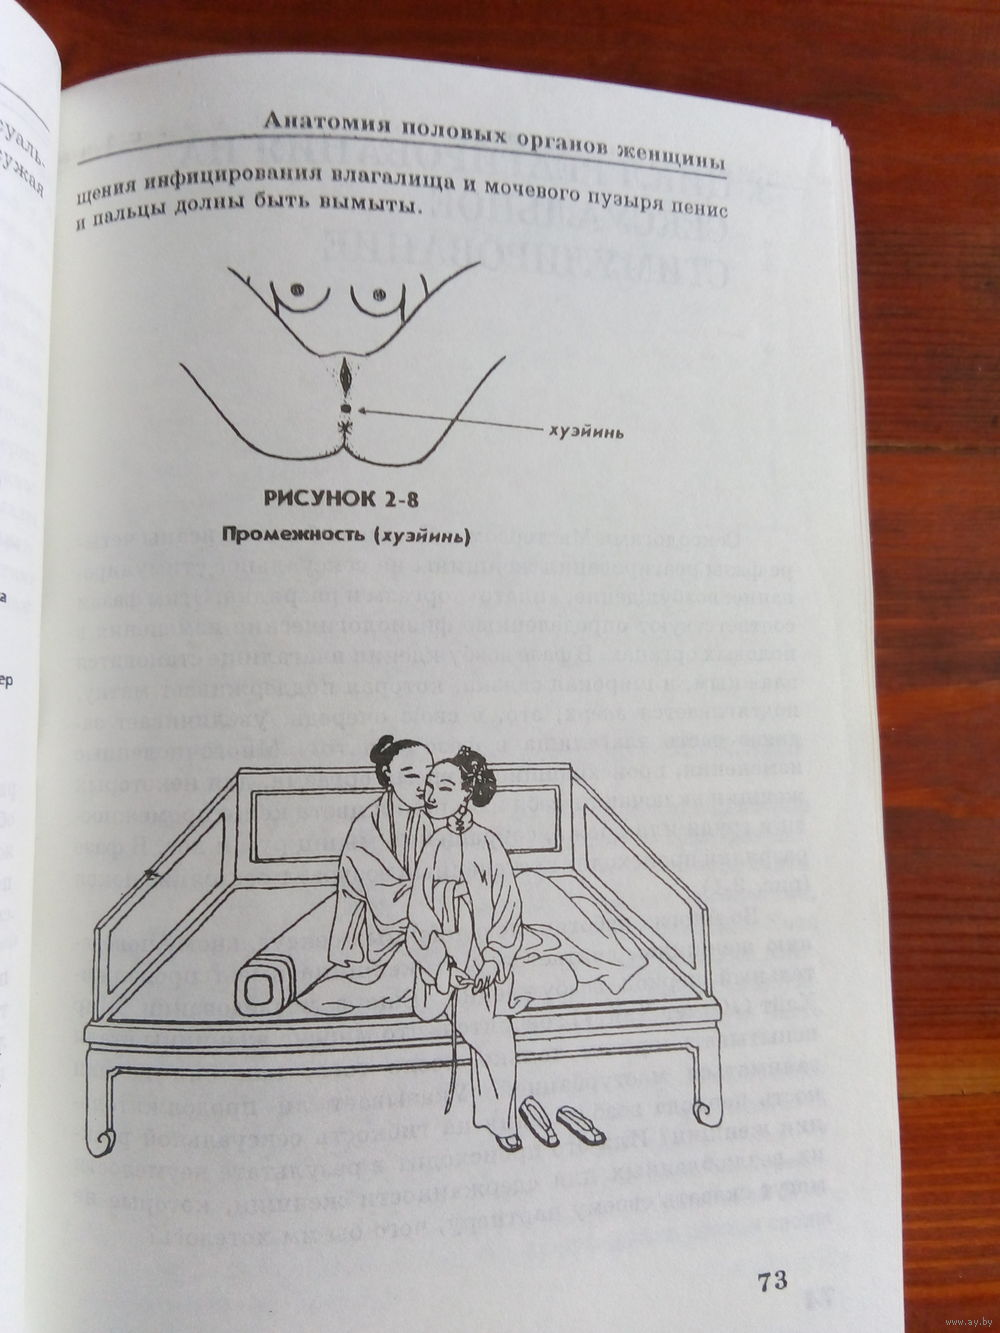 Совершенствование секскуальной энергии